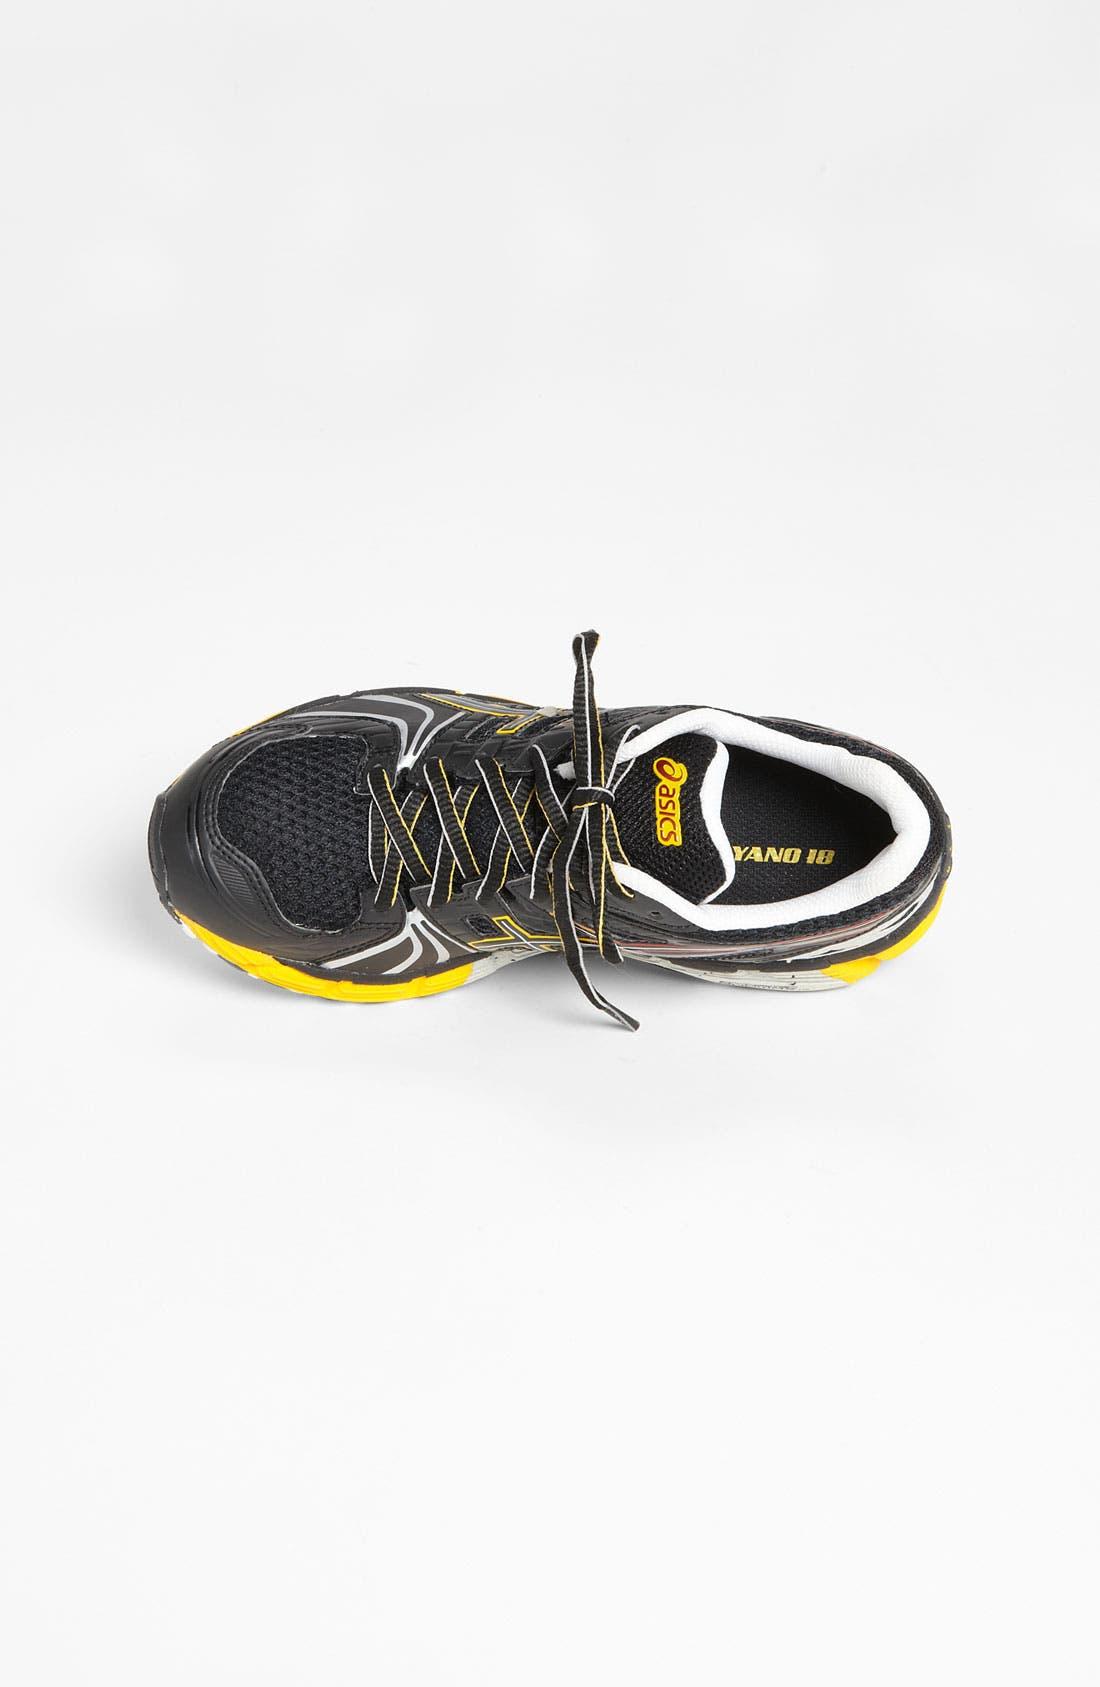 Alternate Image 3  - ASICS® 'GEL-Kayano 18' Training Shoe (Big Kid)